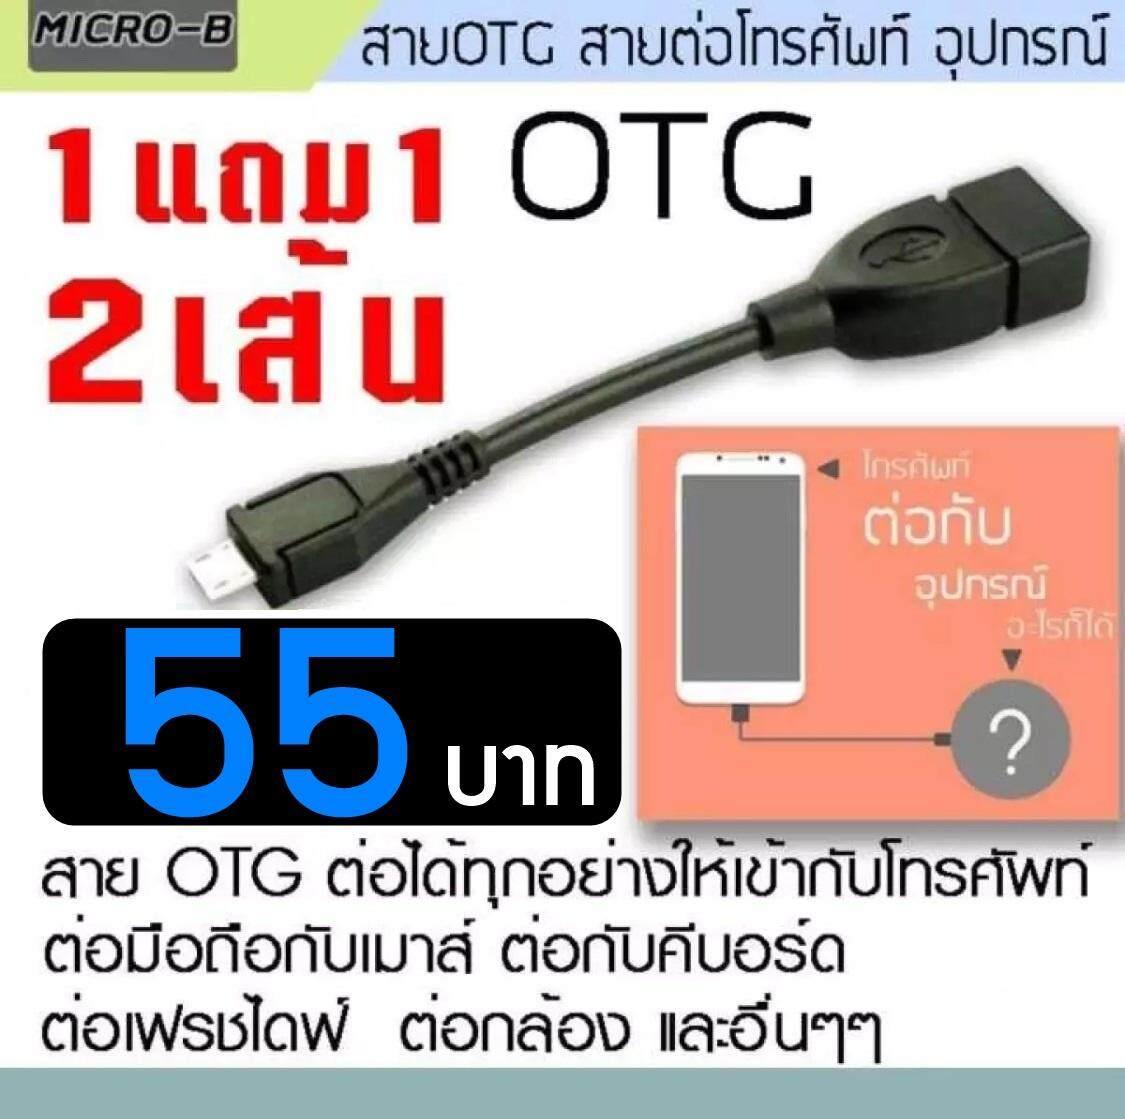 สาย Micro-B Usb Otg แท้ ยาว 26 Cm 2เส้น ซื้อ 1แถม1(สีดำ) By On Top.